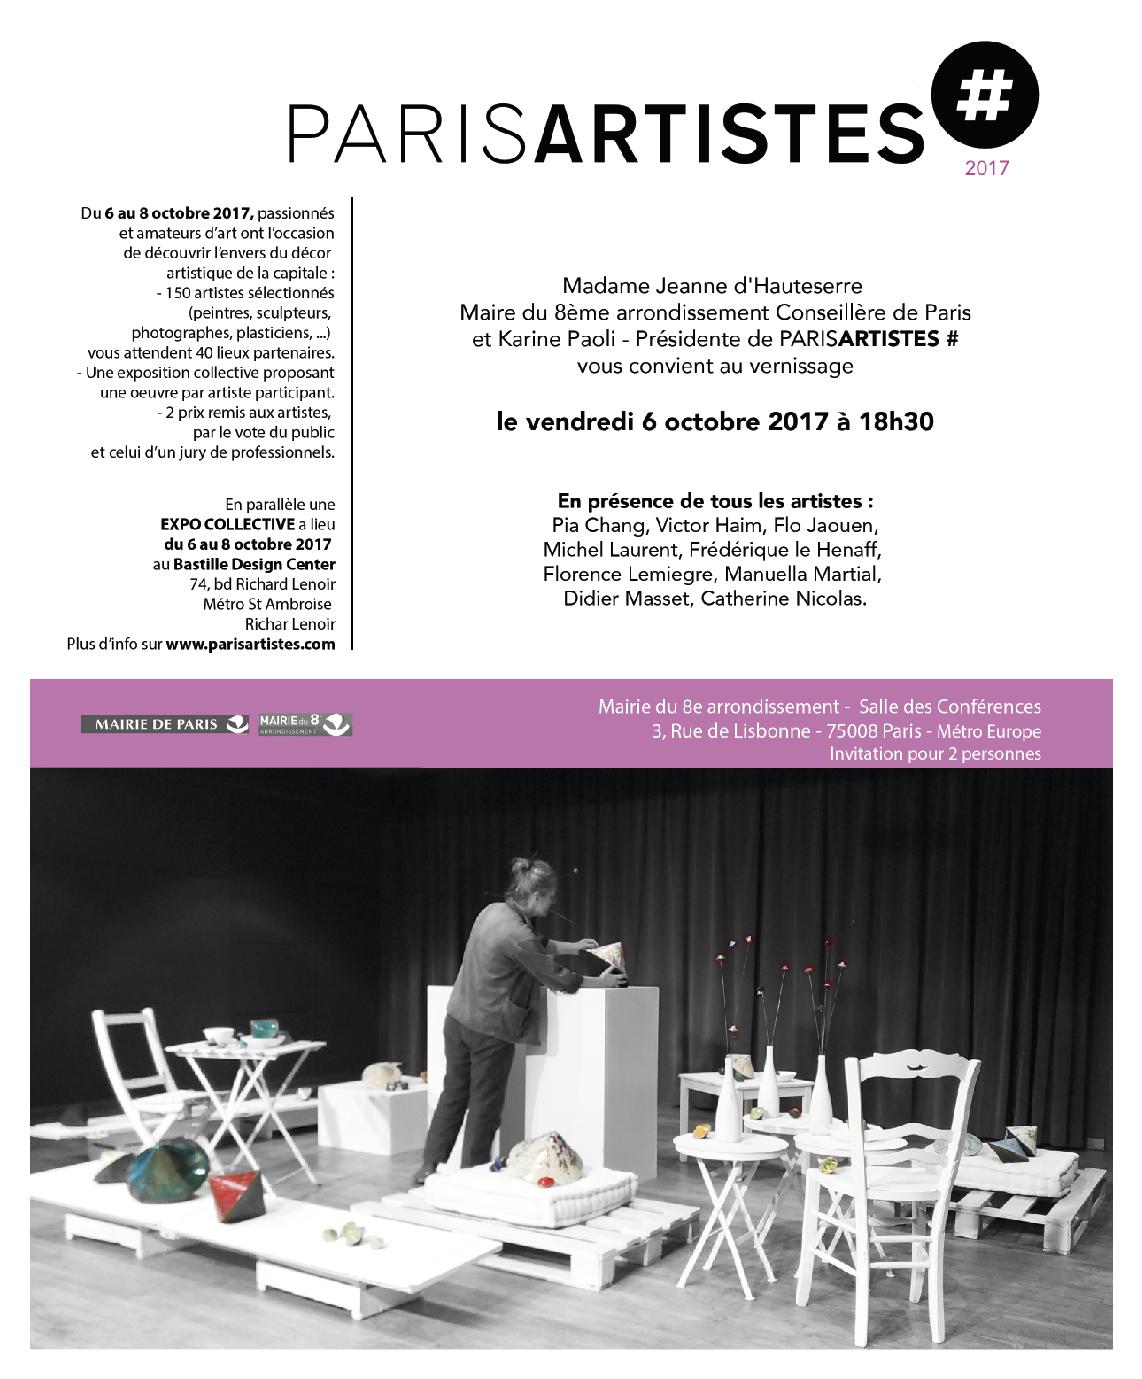 ParisARTISTES #2017 - Paris - Sculptures Céramique de Florence Lemiegre